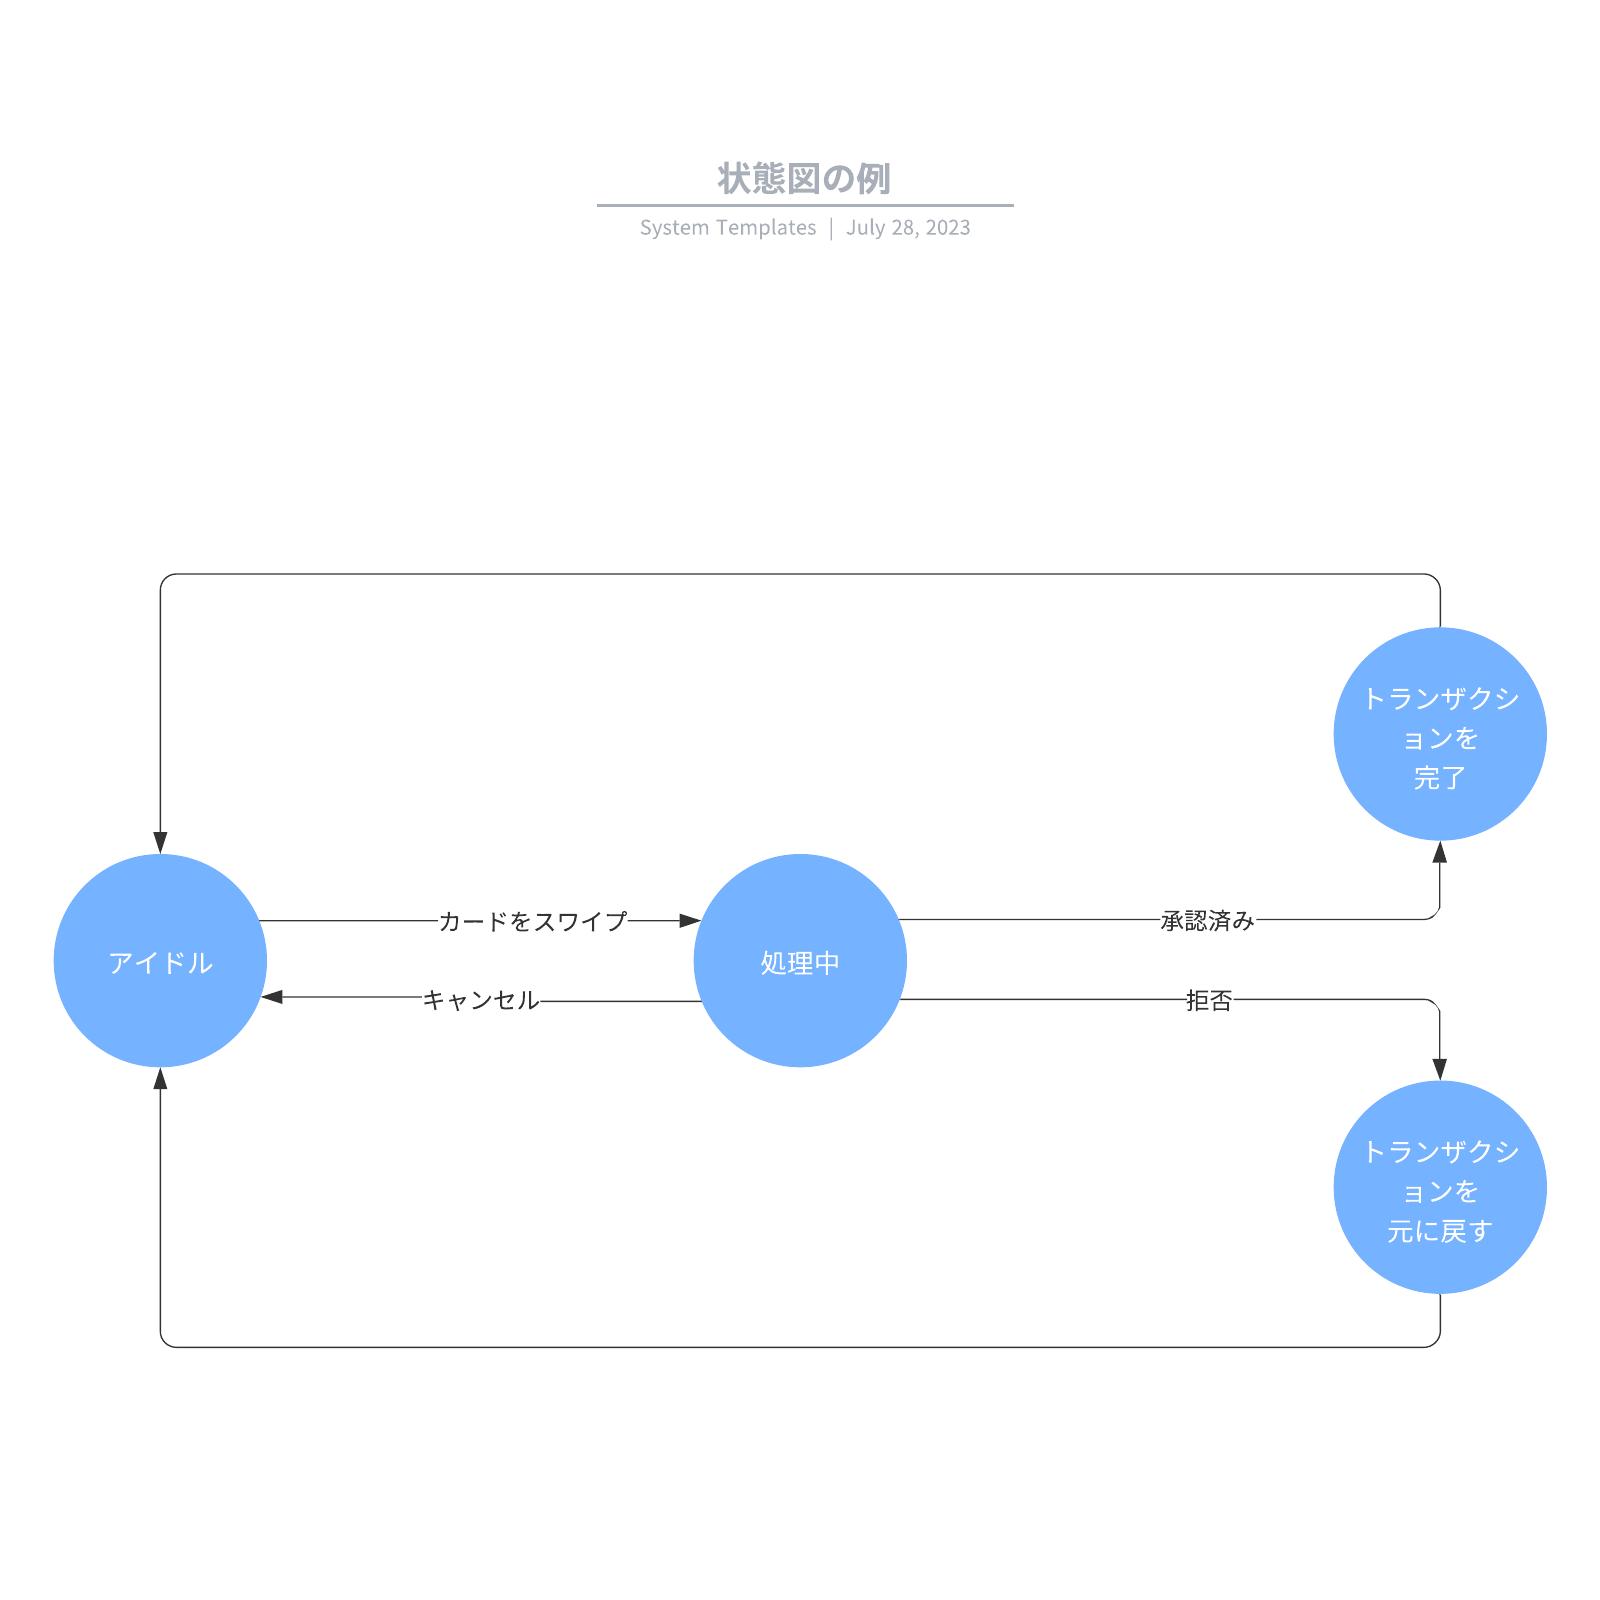 状態図の事例テンプレ